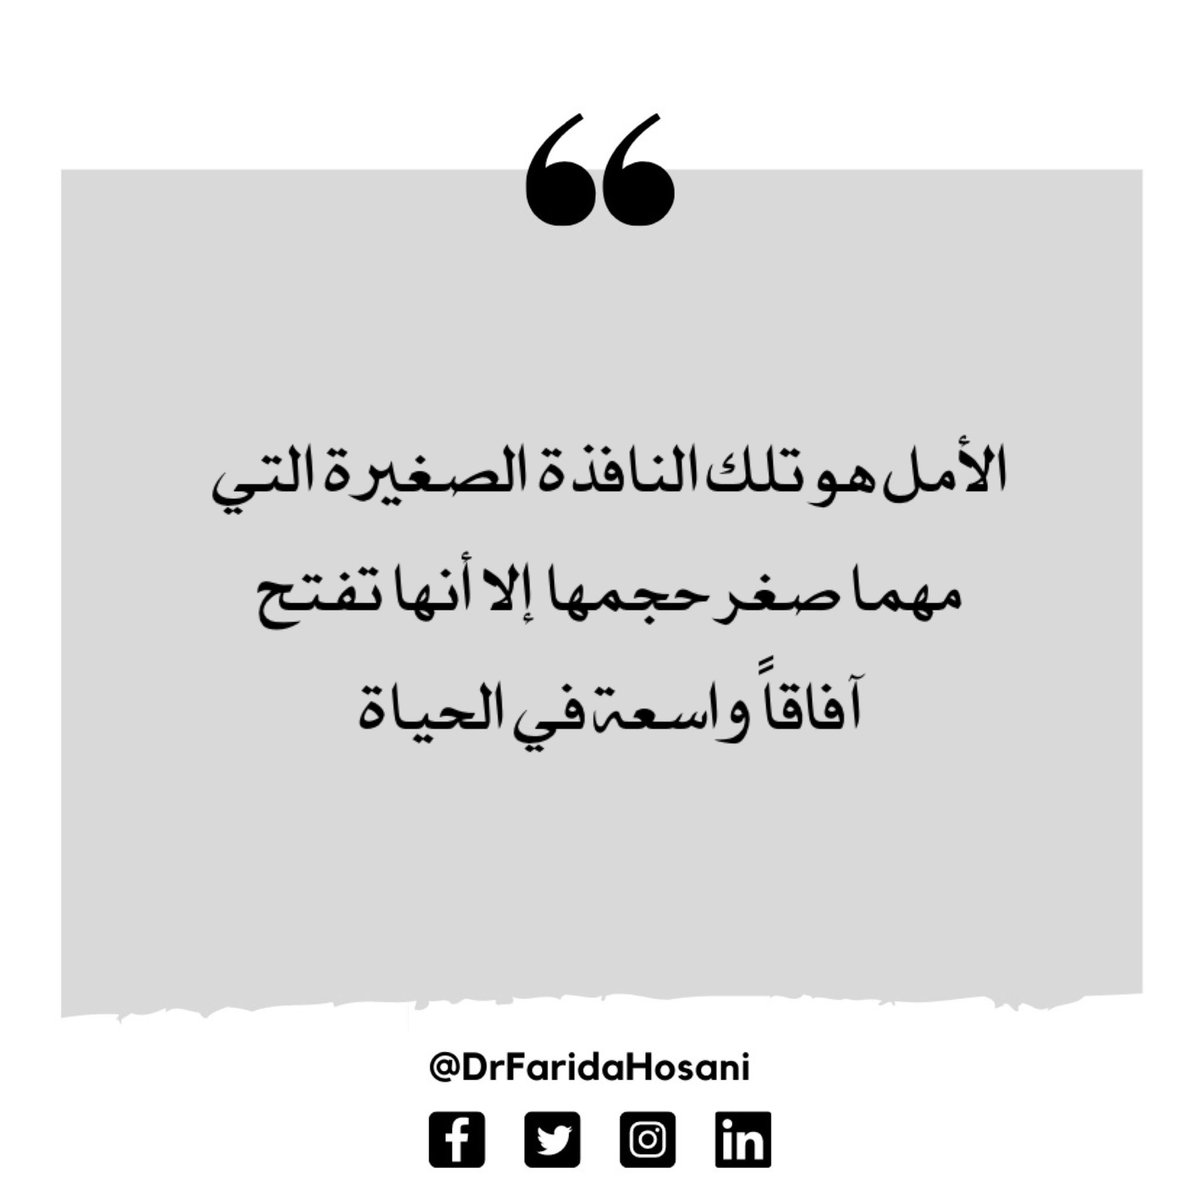 ادعي لمن تحب Ad3yh Shalmari Twitter